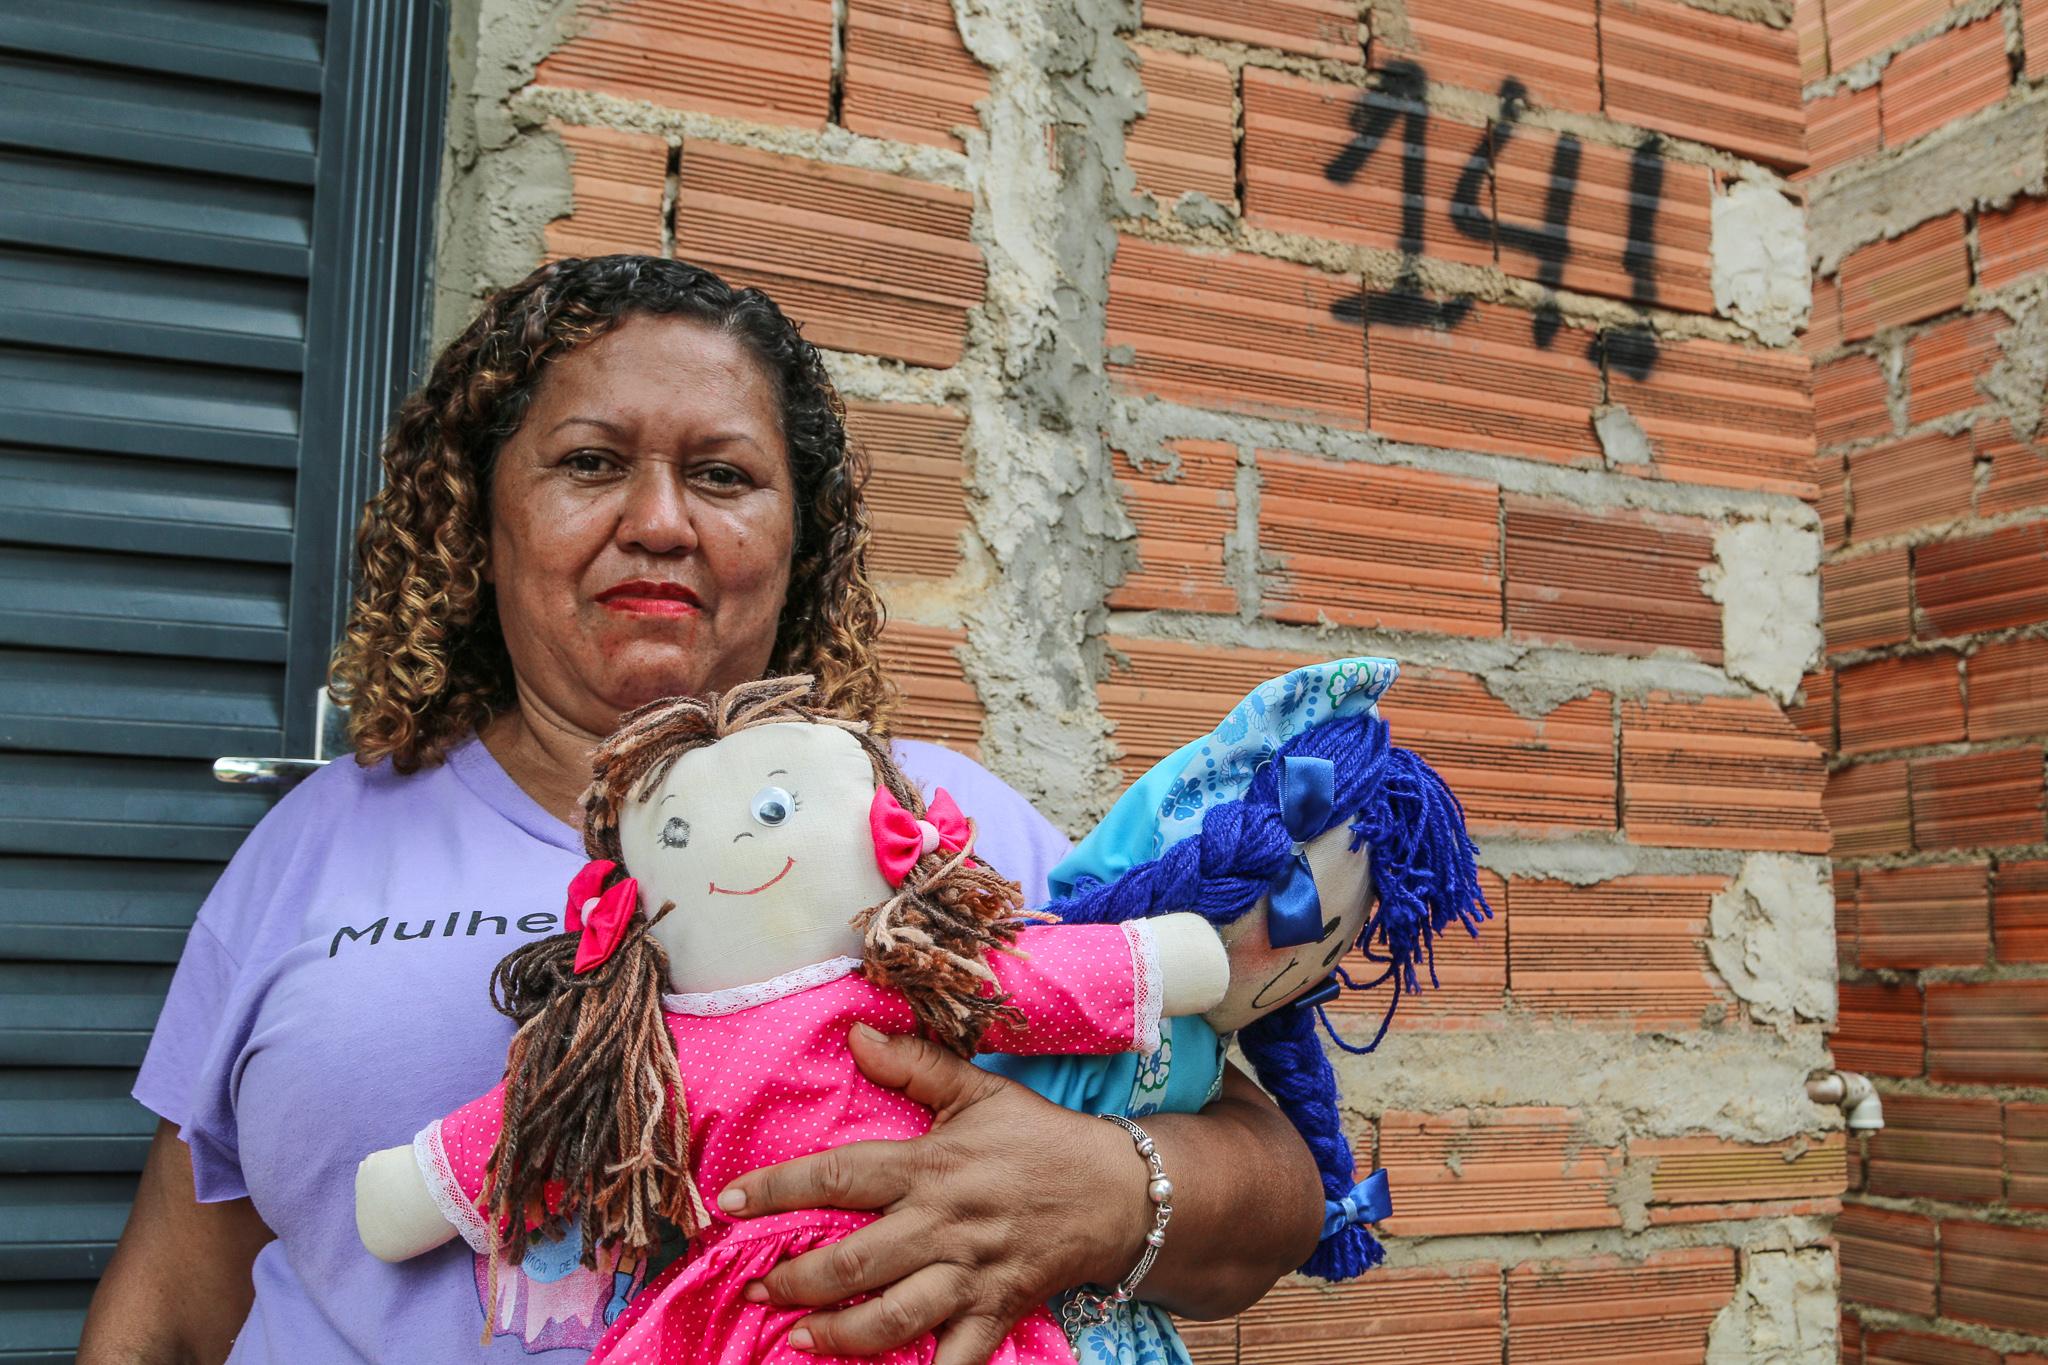 A guerreira que luta por direitos e contra a violência em bairro carente de Campinas (SP) 3